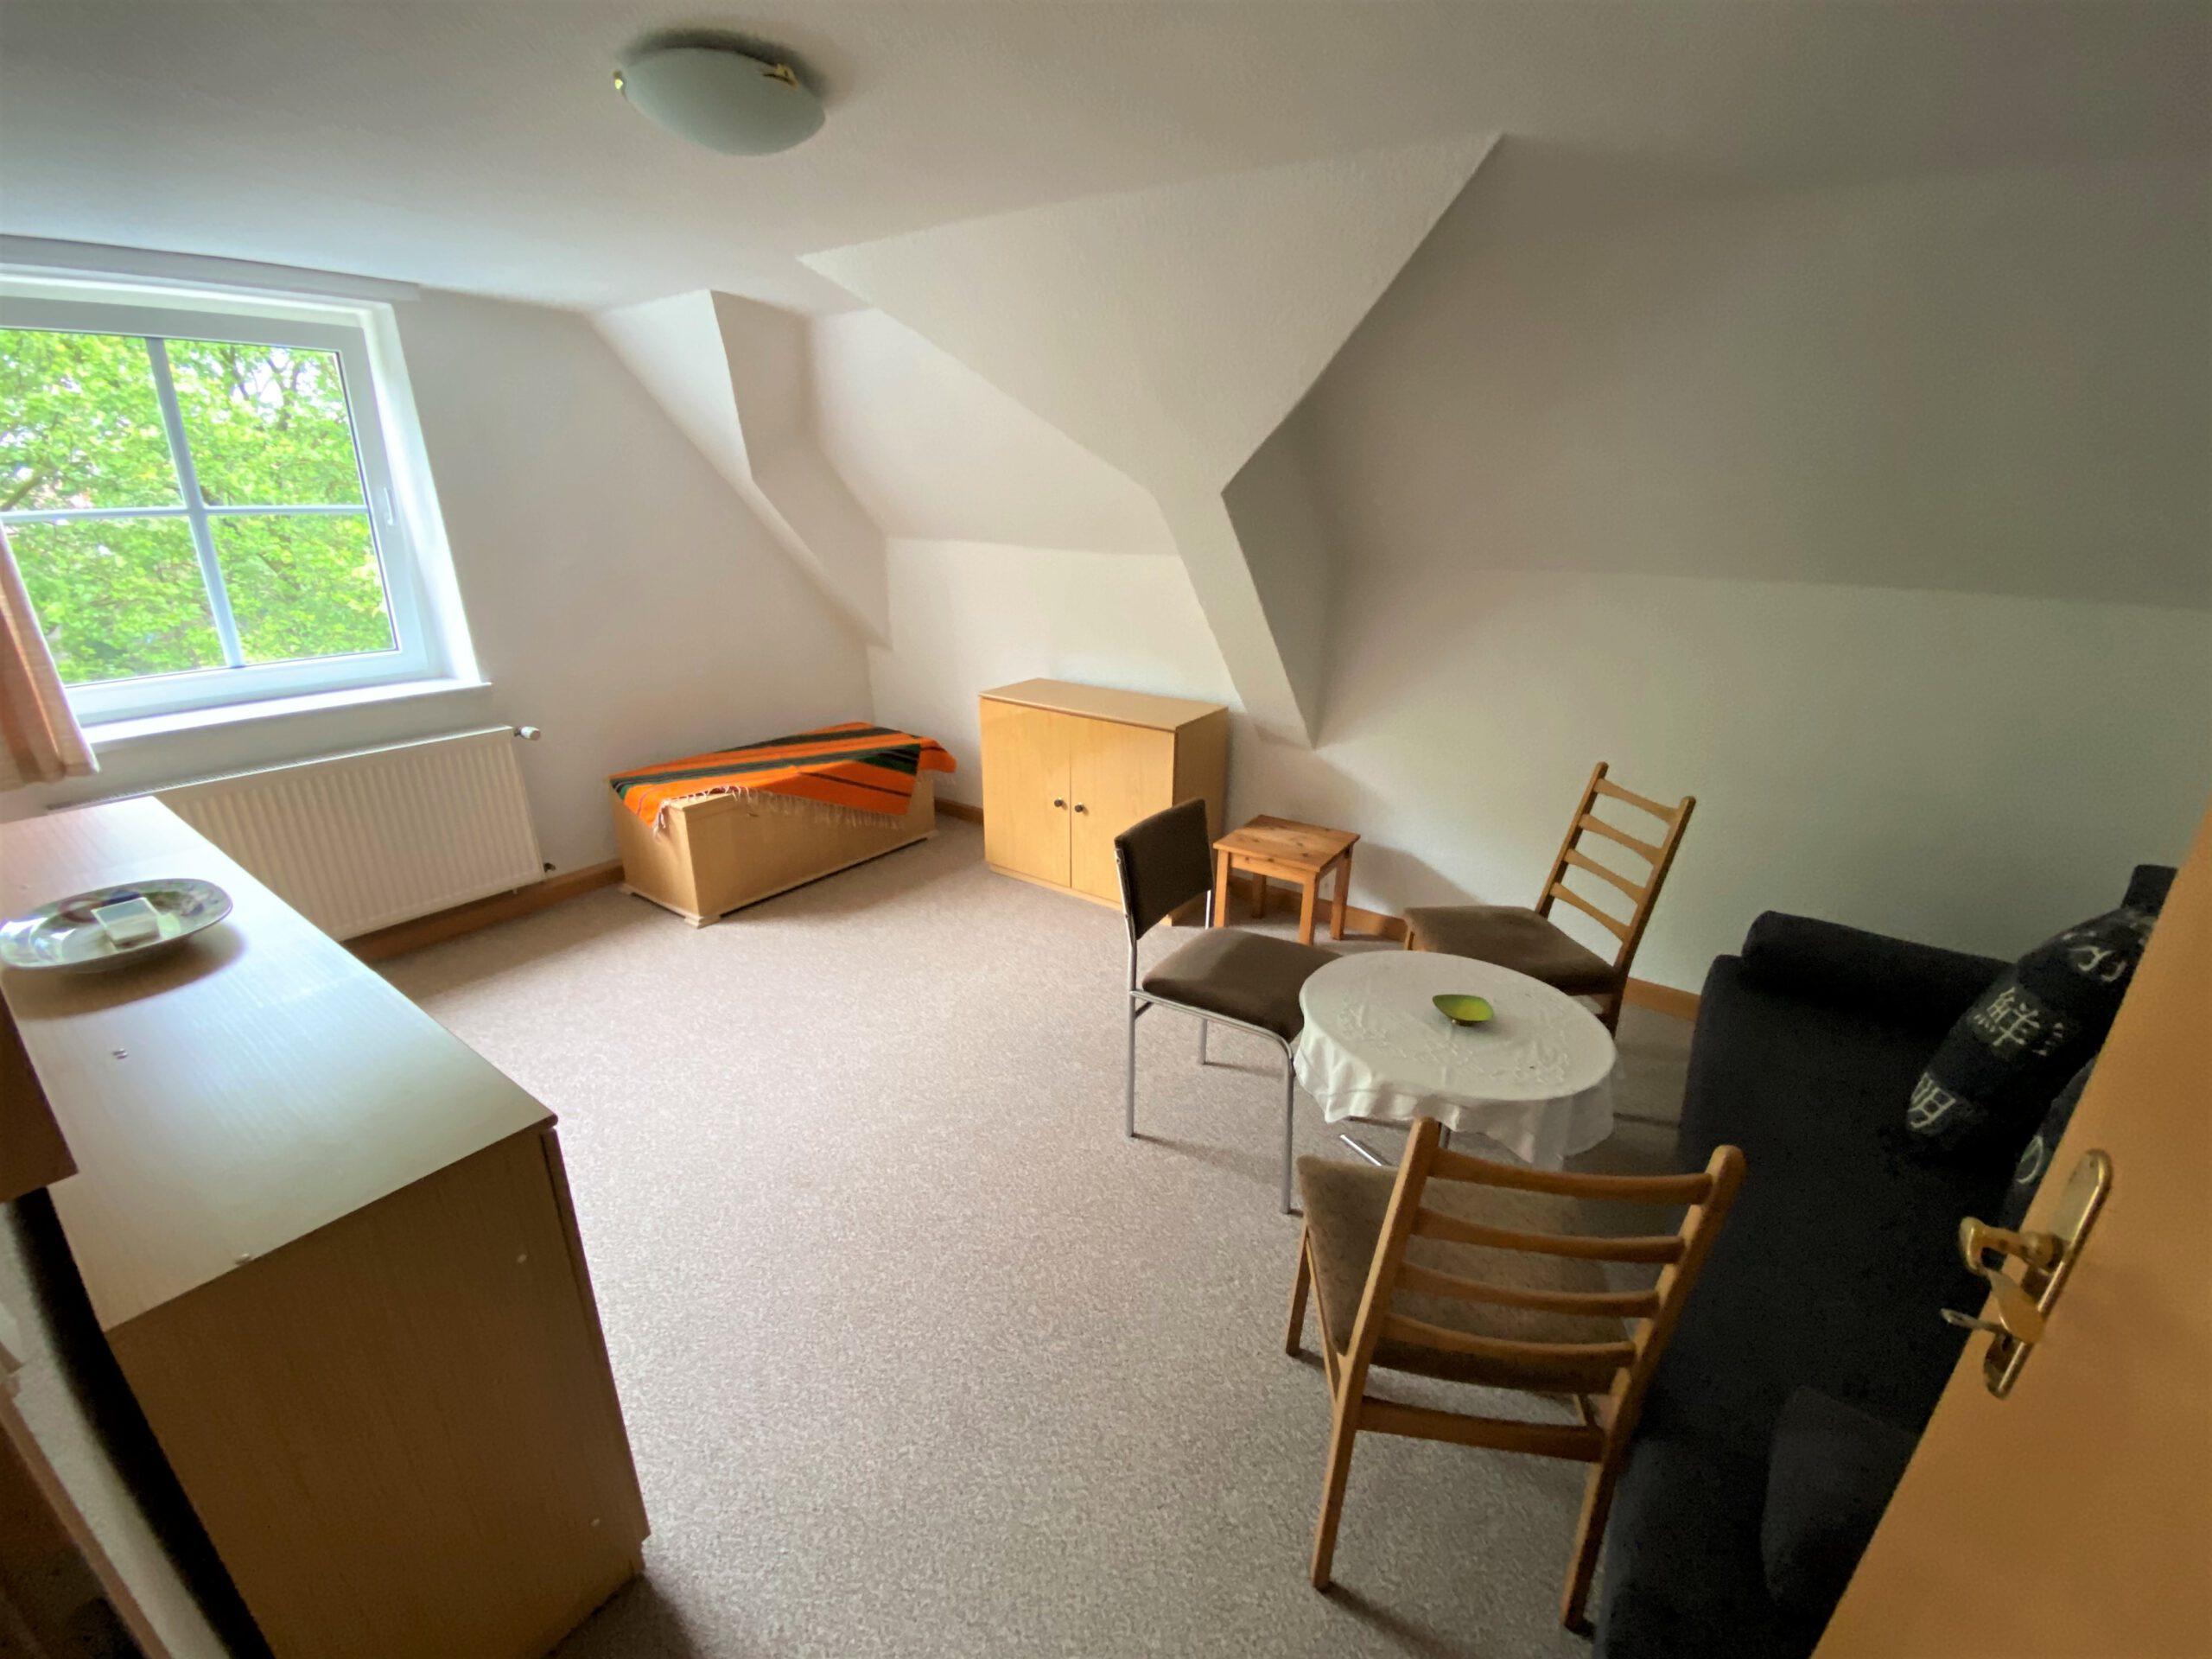 Einfamilienhaus in Leuna - Zimmer im Dachgeschoss